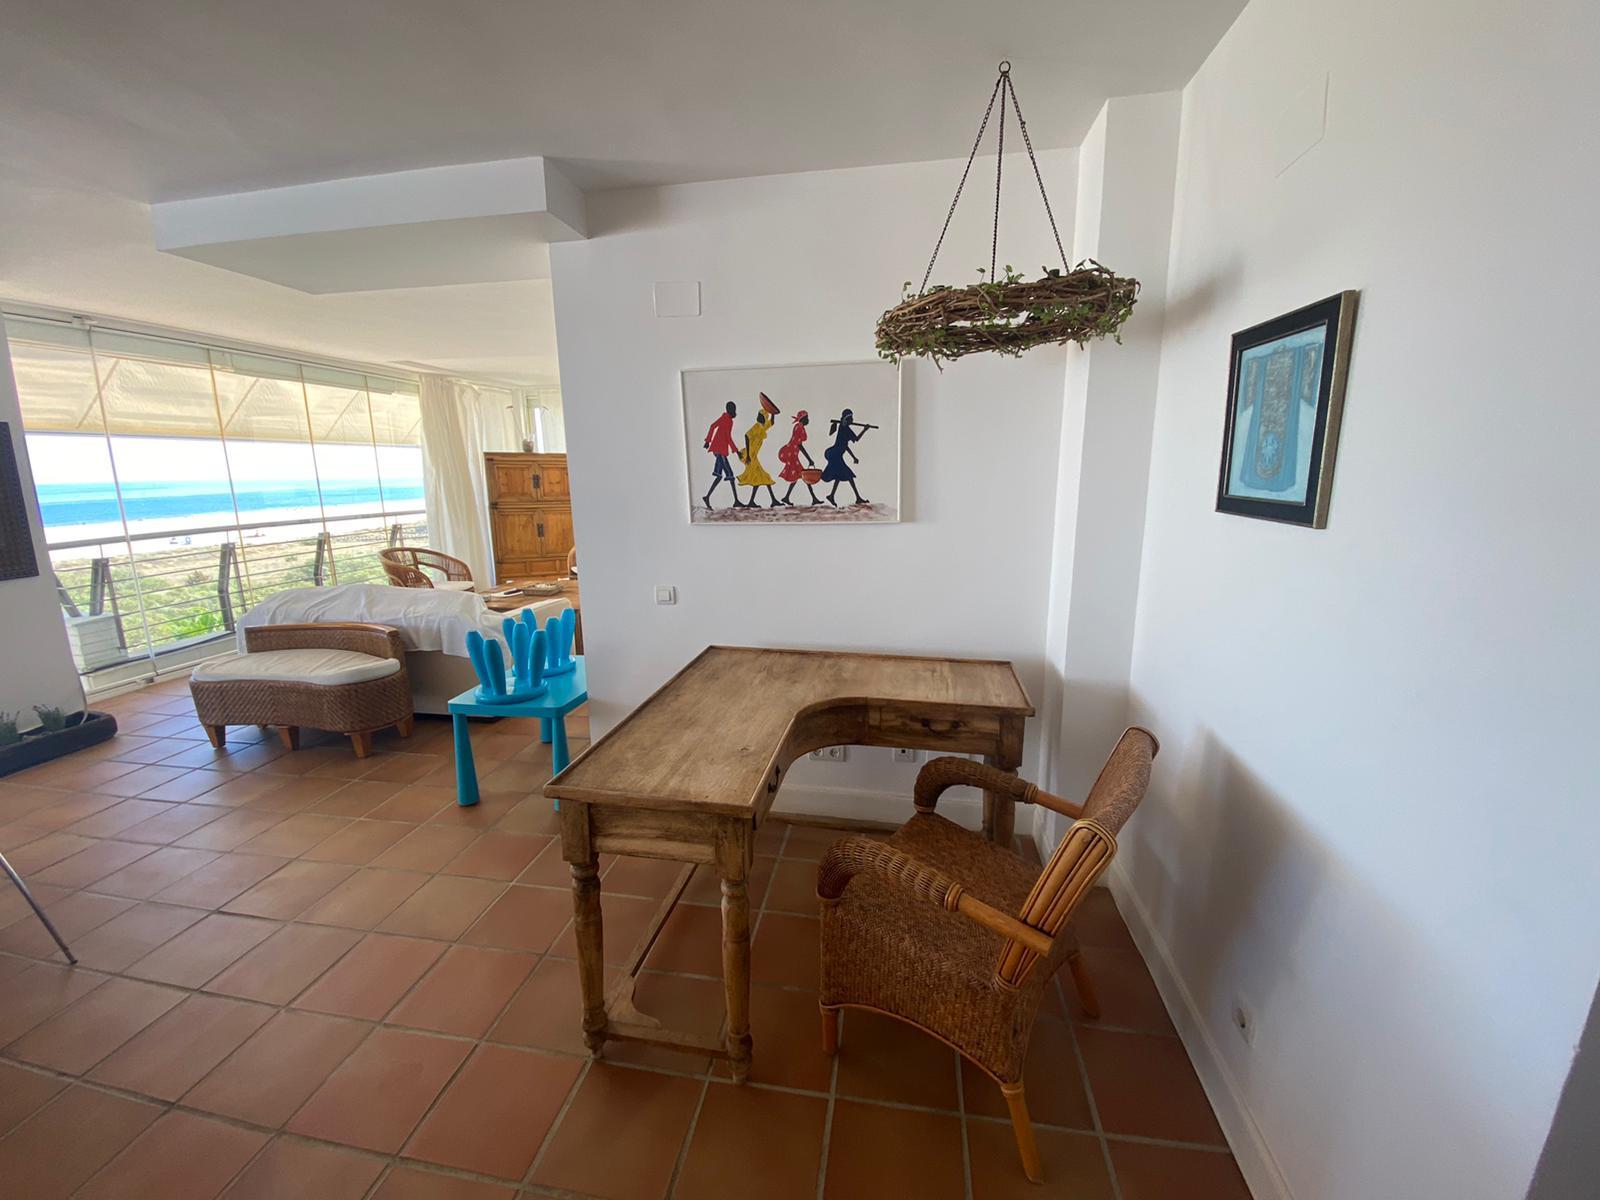 Imagen 7 del Apartamento Turístico, Ático 3 Levante, Frontal (4d+2b), Punta del Moral (HUELVA), Paseo de la Cruz nº22